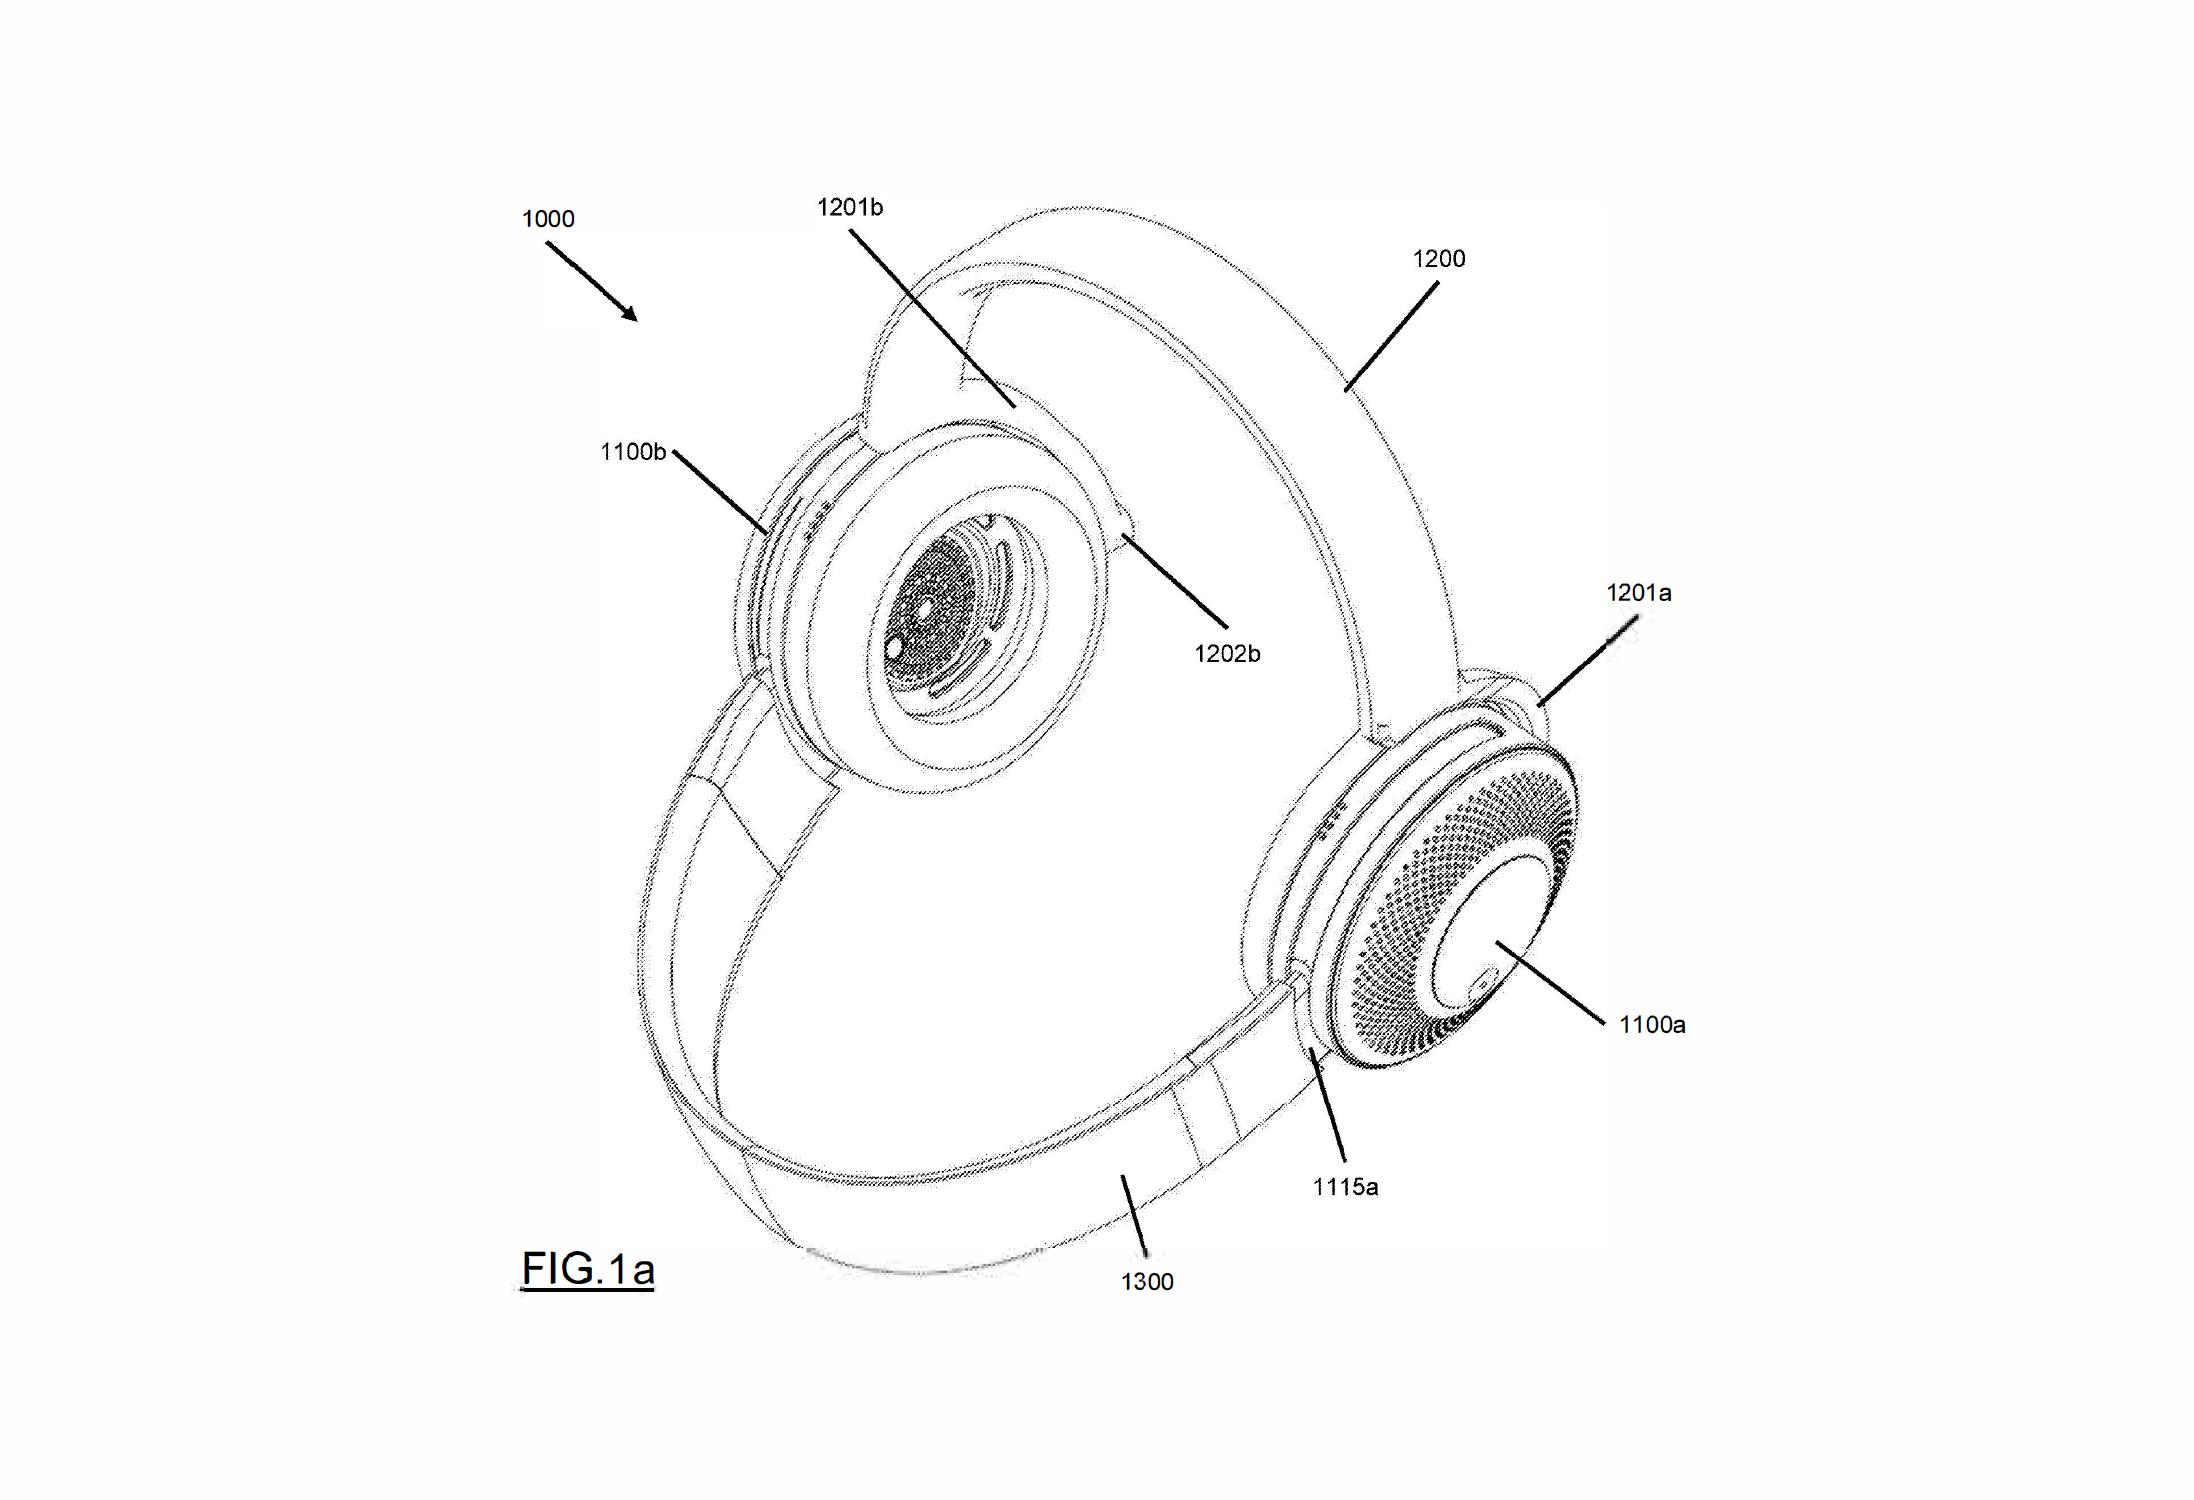 戴森全新空气净化器专利曝光可兼做耳机